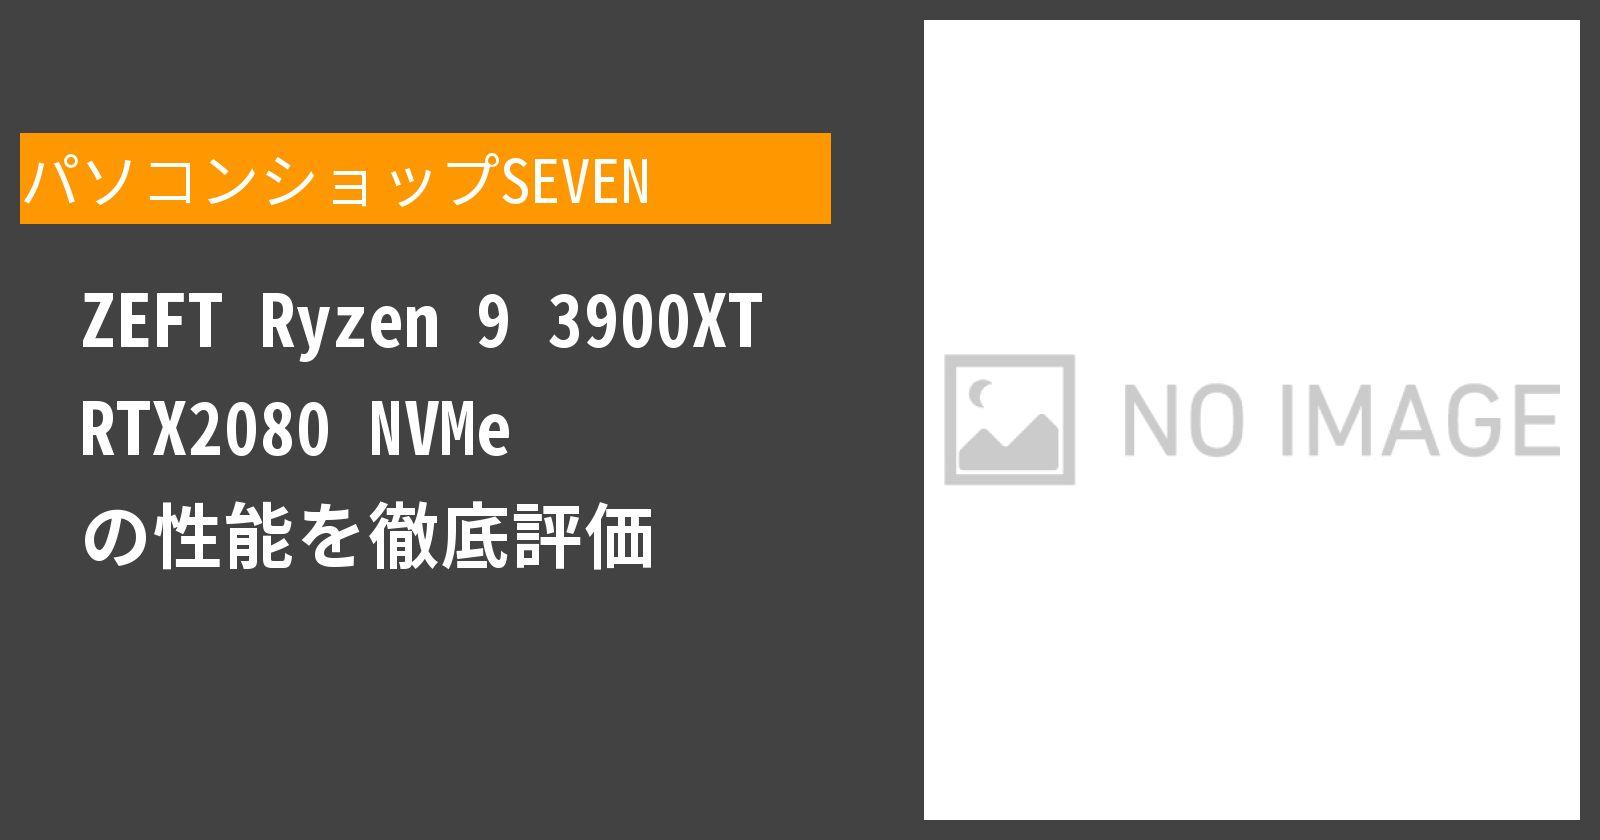 ZEFT Ryzen 9 3900XT RTX2080 NVMe の性能を徹底評価